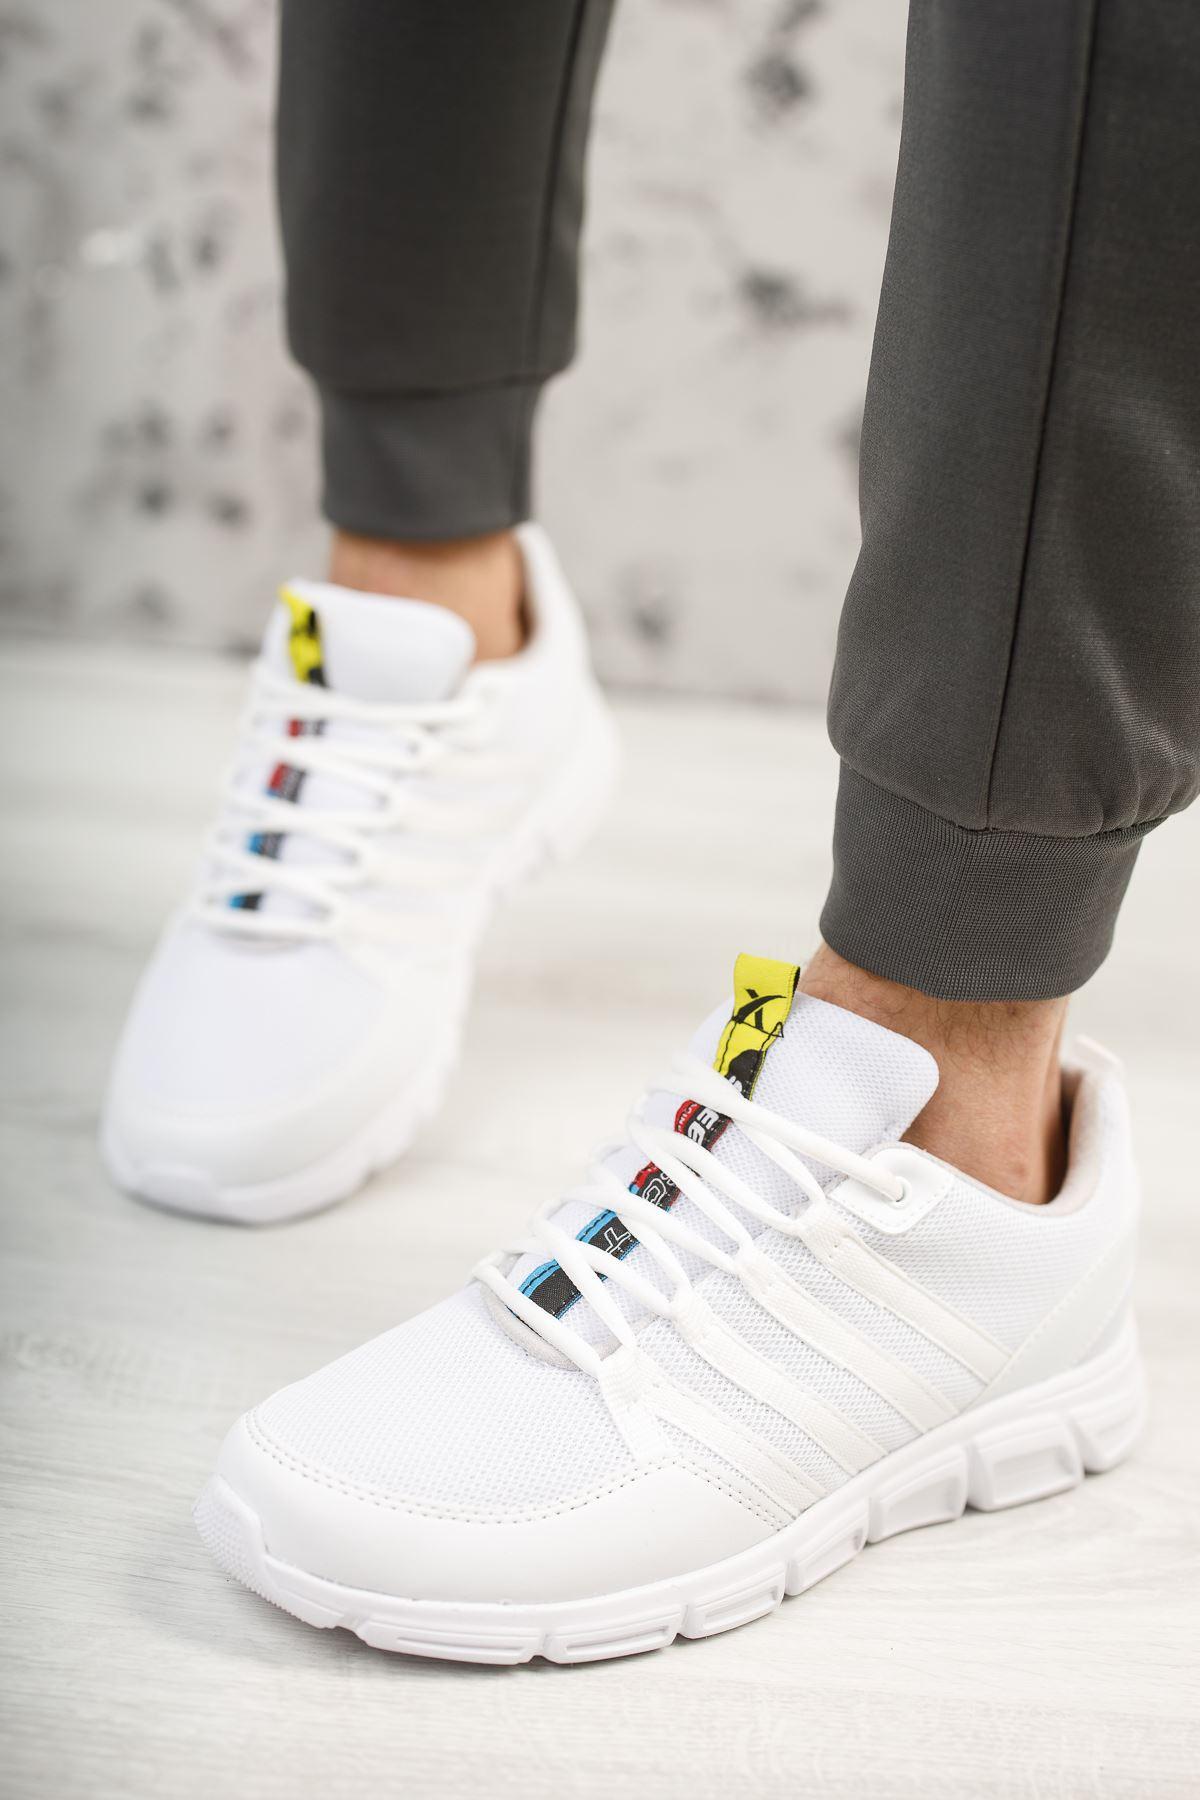 Wawik Beyaz Yazı Detaylı Erkek Spor Ayakkabı